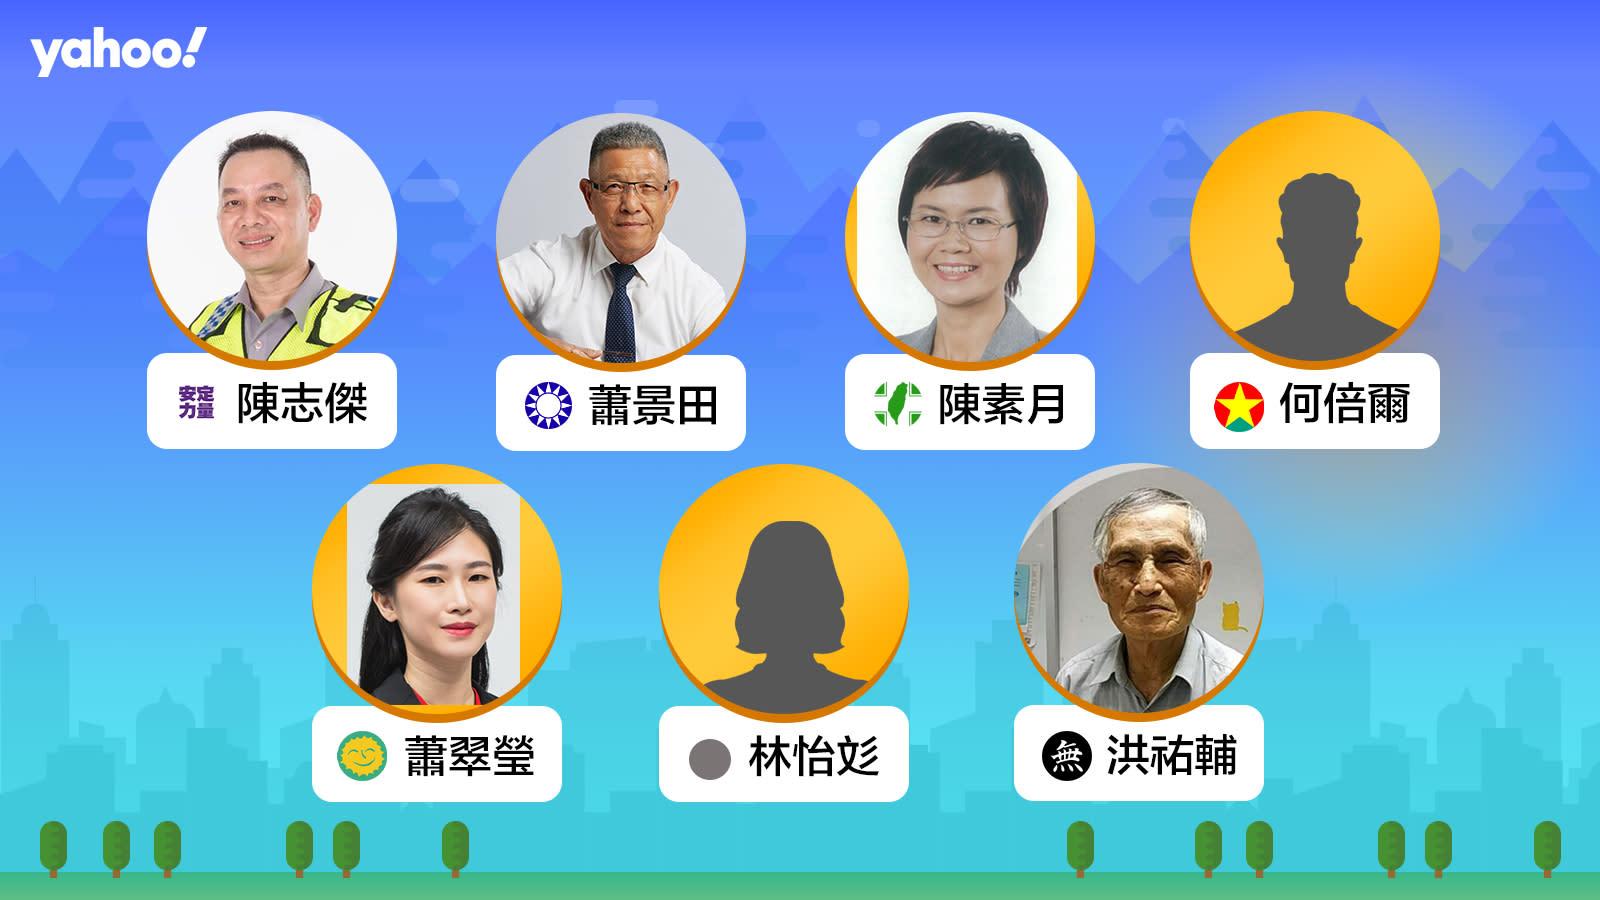 2020立委選舉彰化縣第四選區,你支持誰?